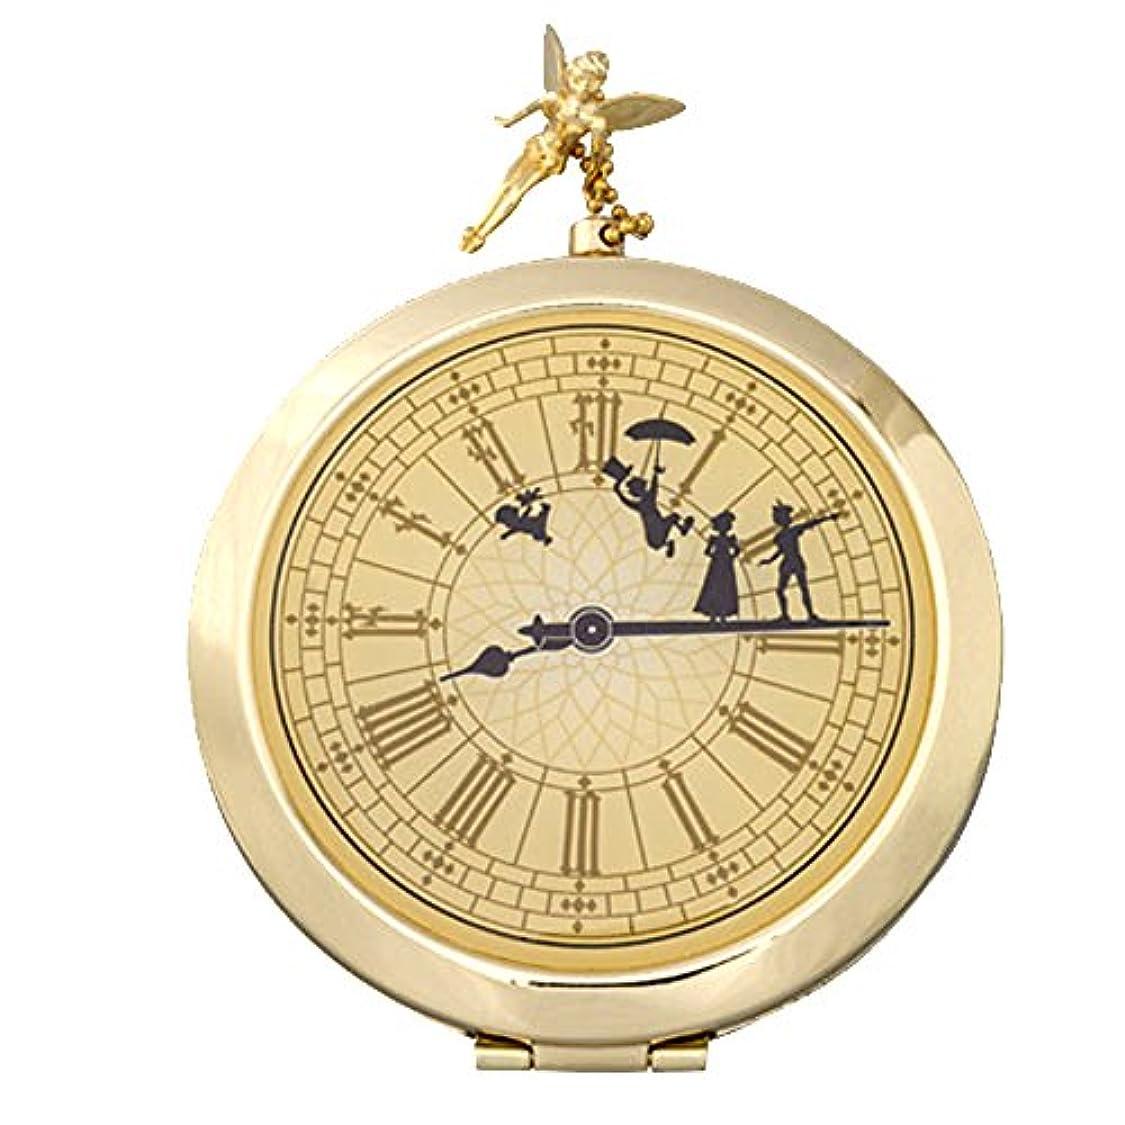 賃金条約作る12/1~ ピーターパン コンパクト 式 ミラー 鏡 時計型 アンティーク ディズニー ティンカーベル 他 メイク 用品 ( ディズニーランド限定 )